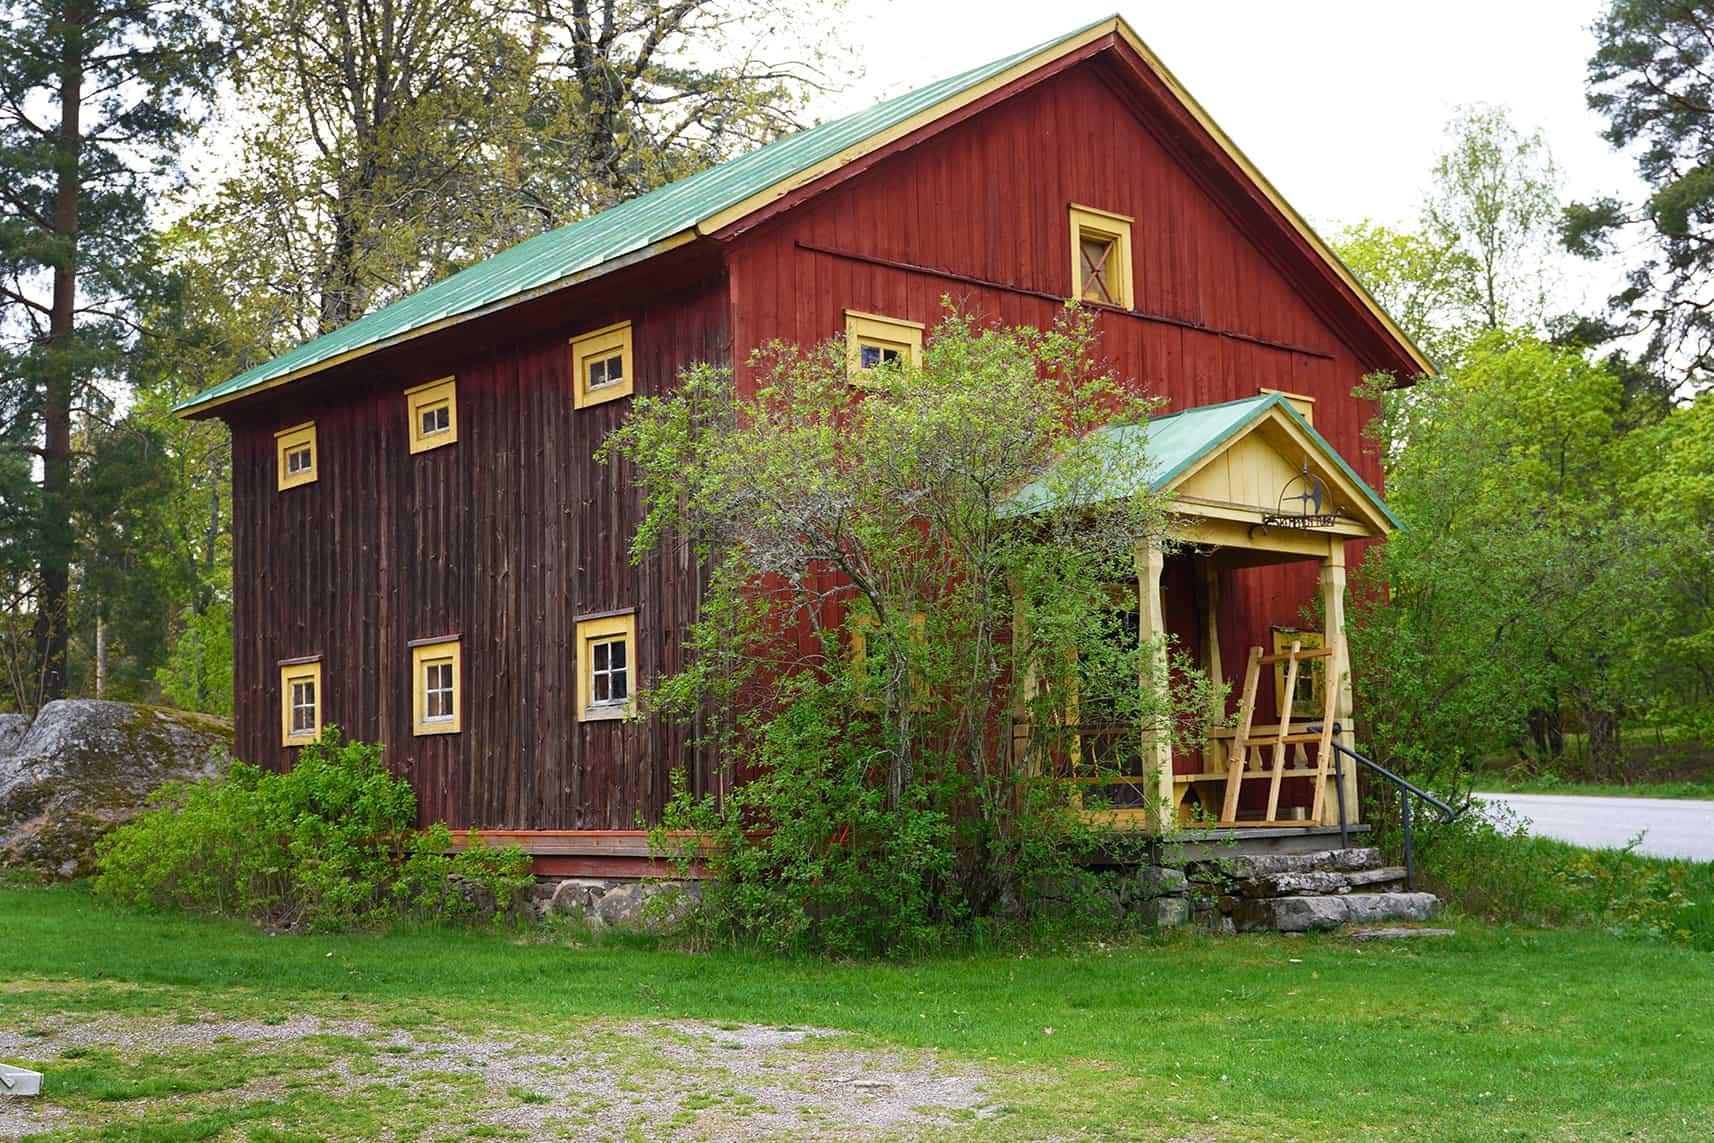 Kuvassa Lemun kotiseutumuseon punainen rakennus.